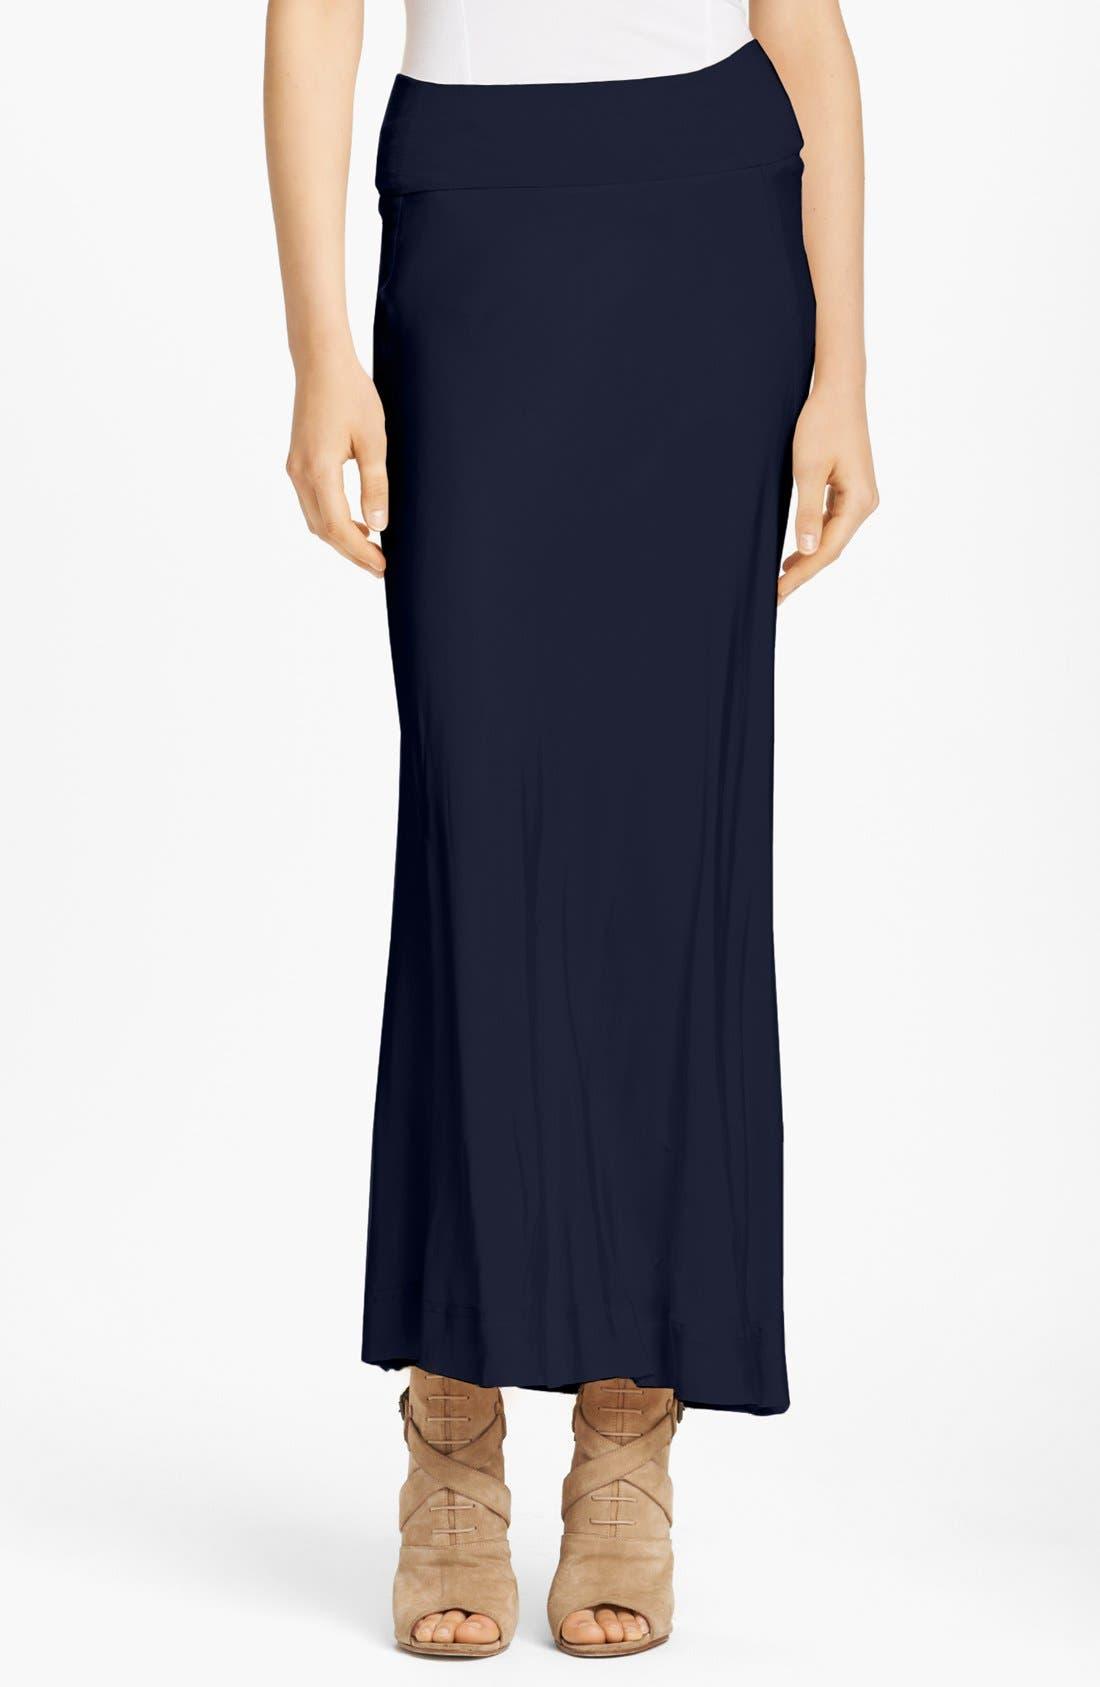 Main Image - Donna Karan Casual Luxe Satin & Jersey Bias Cut Skirt